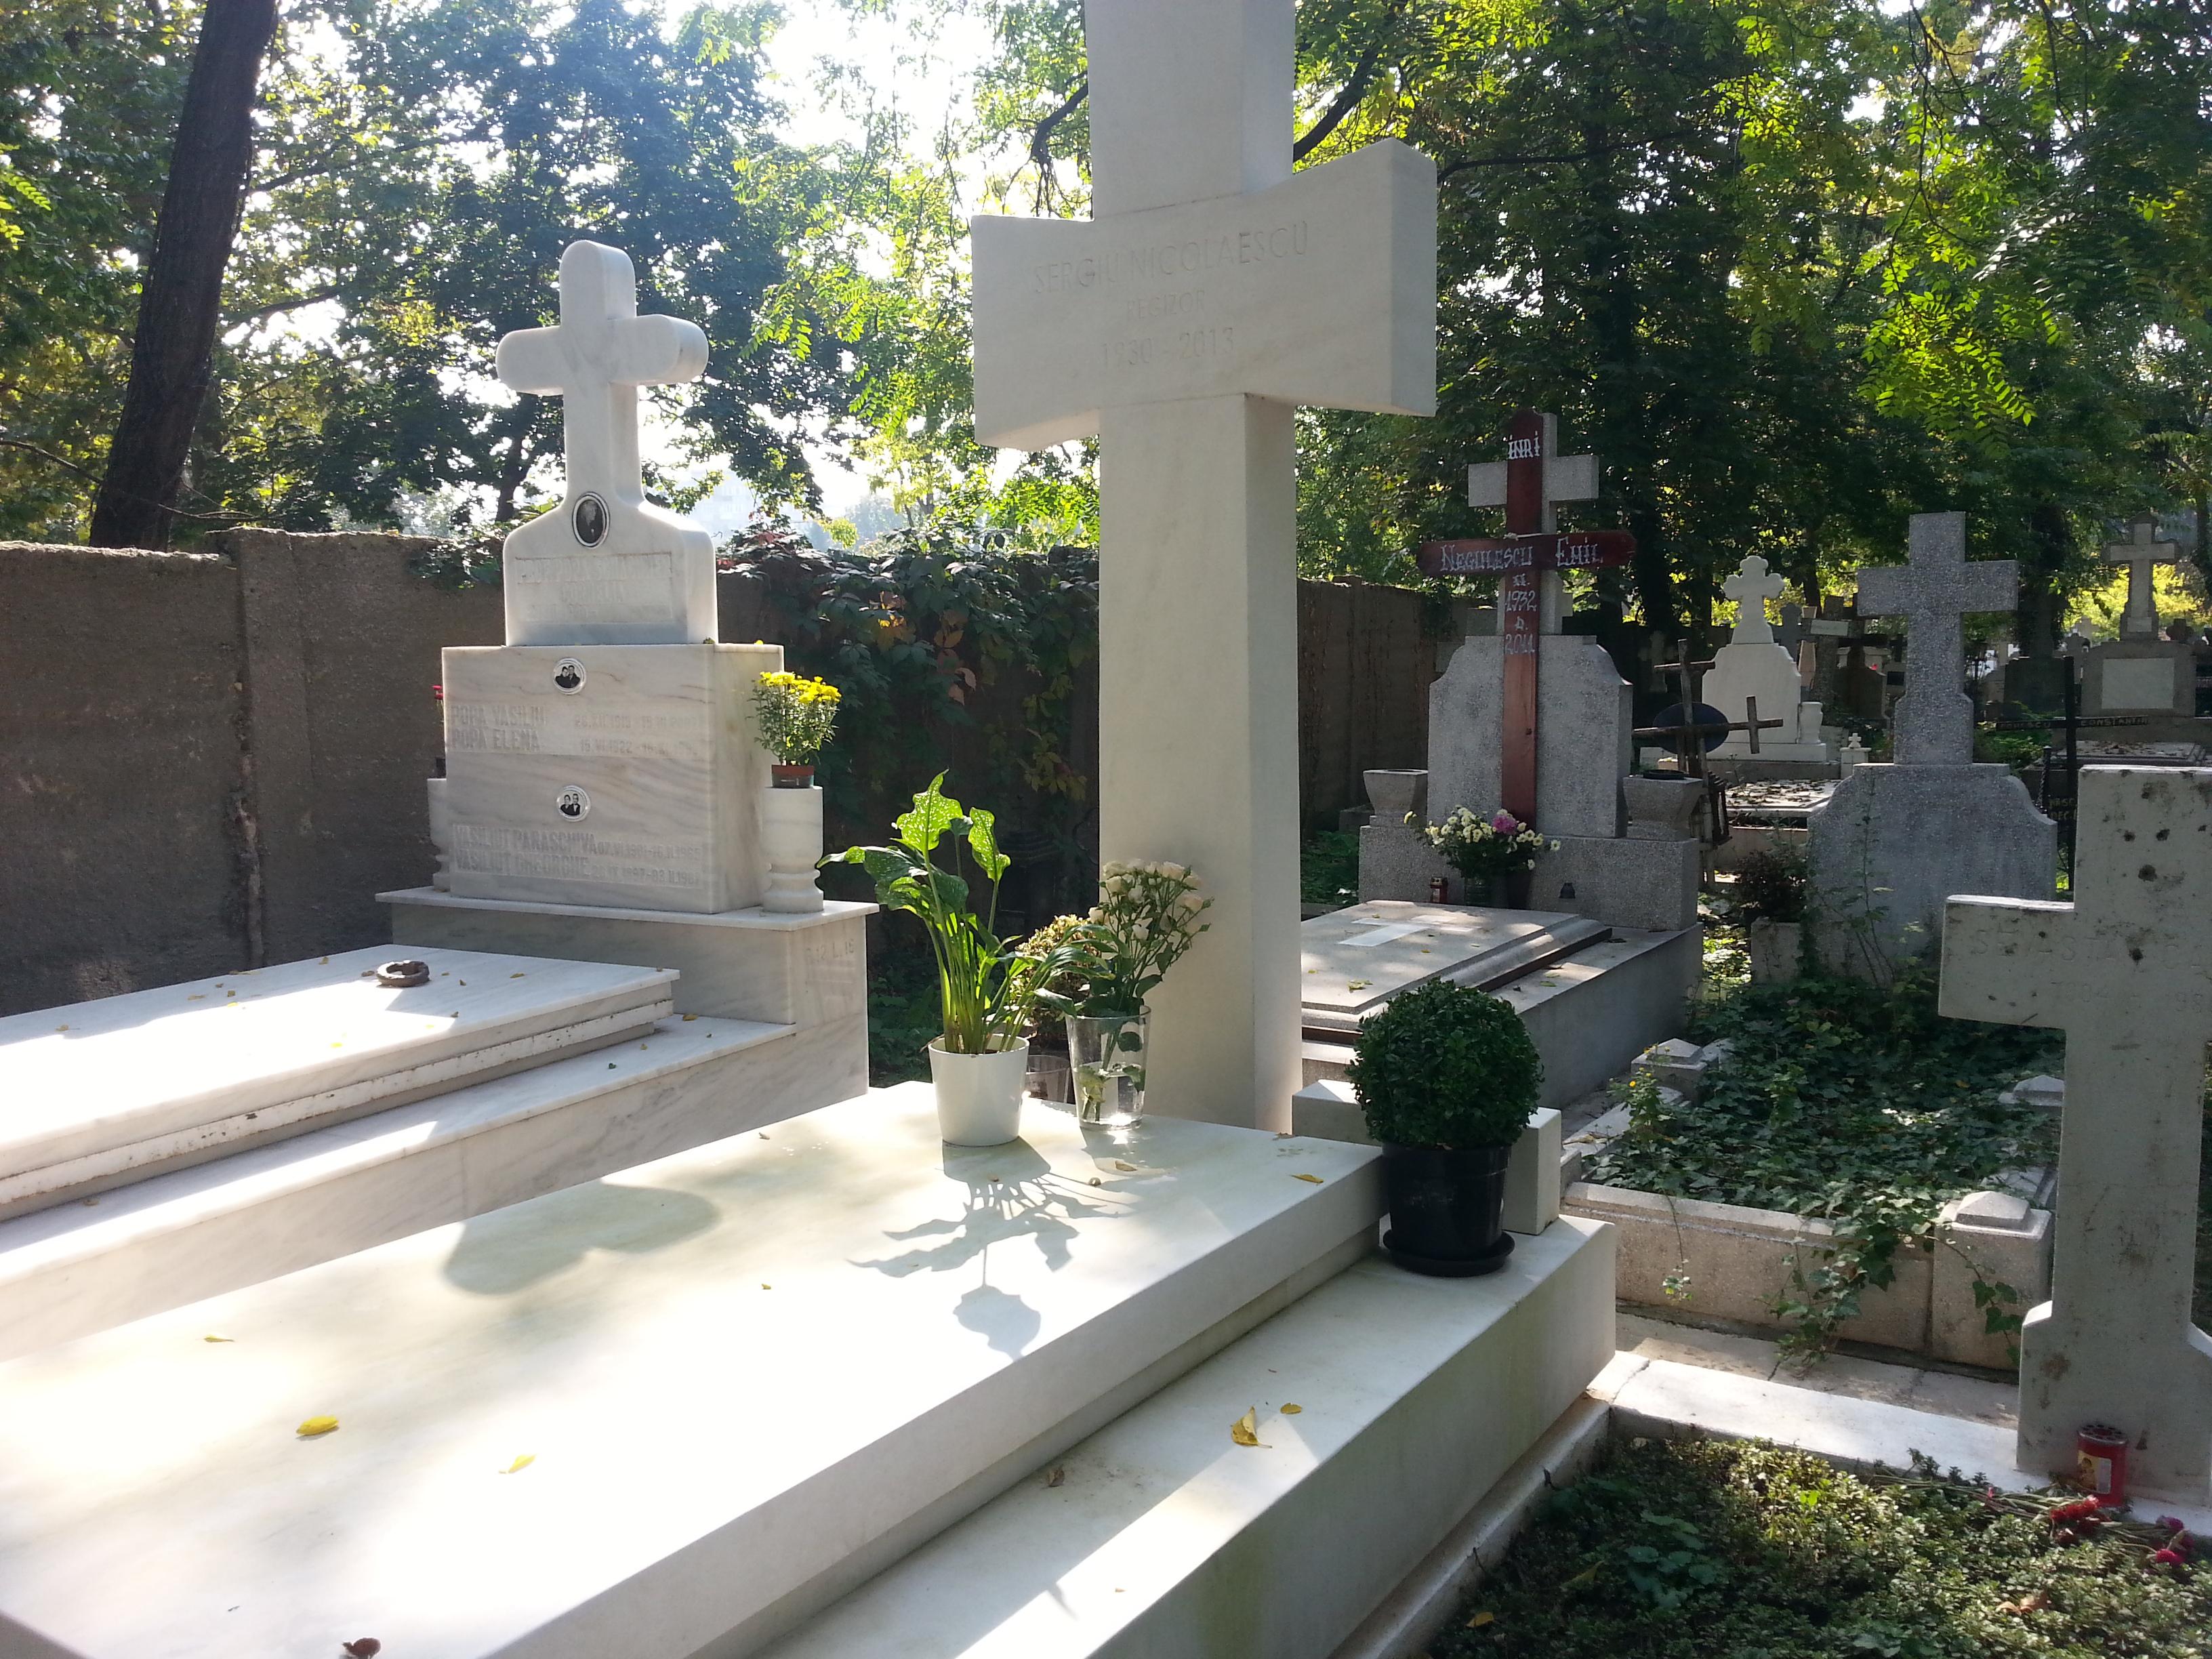 Monumentul funerara a costat circa 10.000 de euro